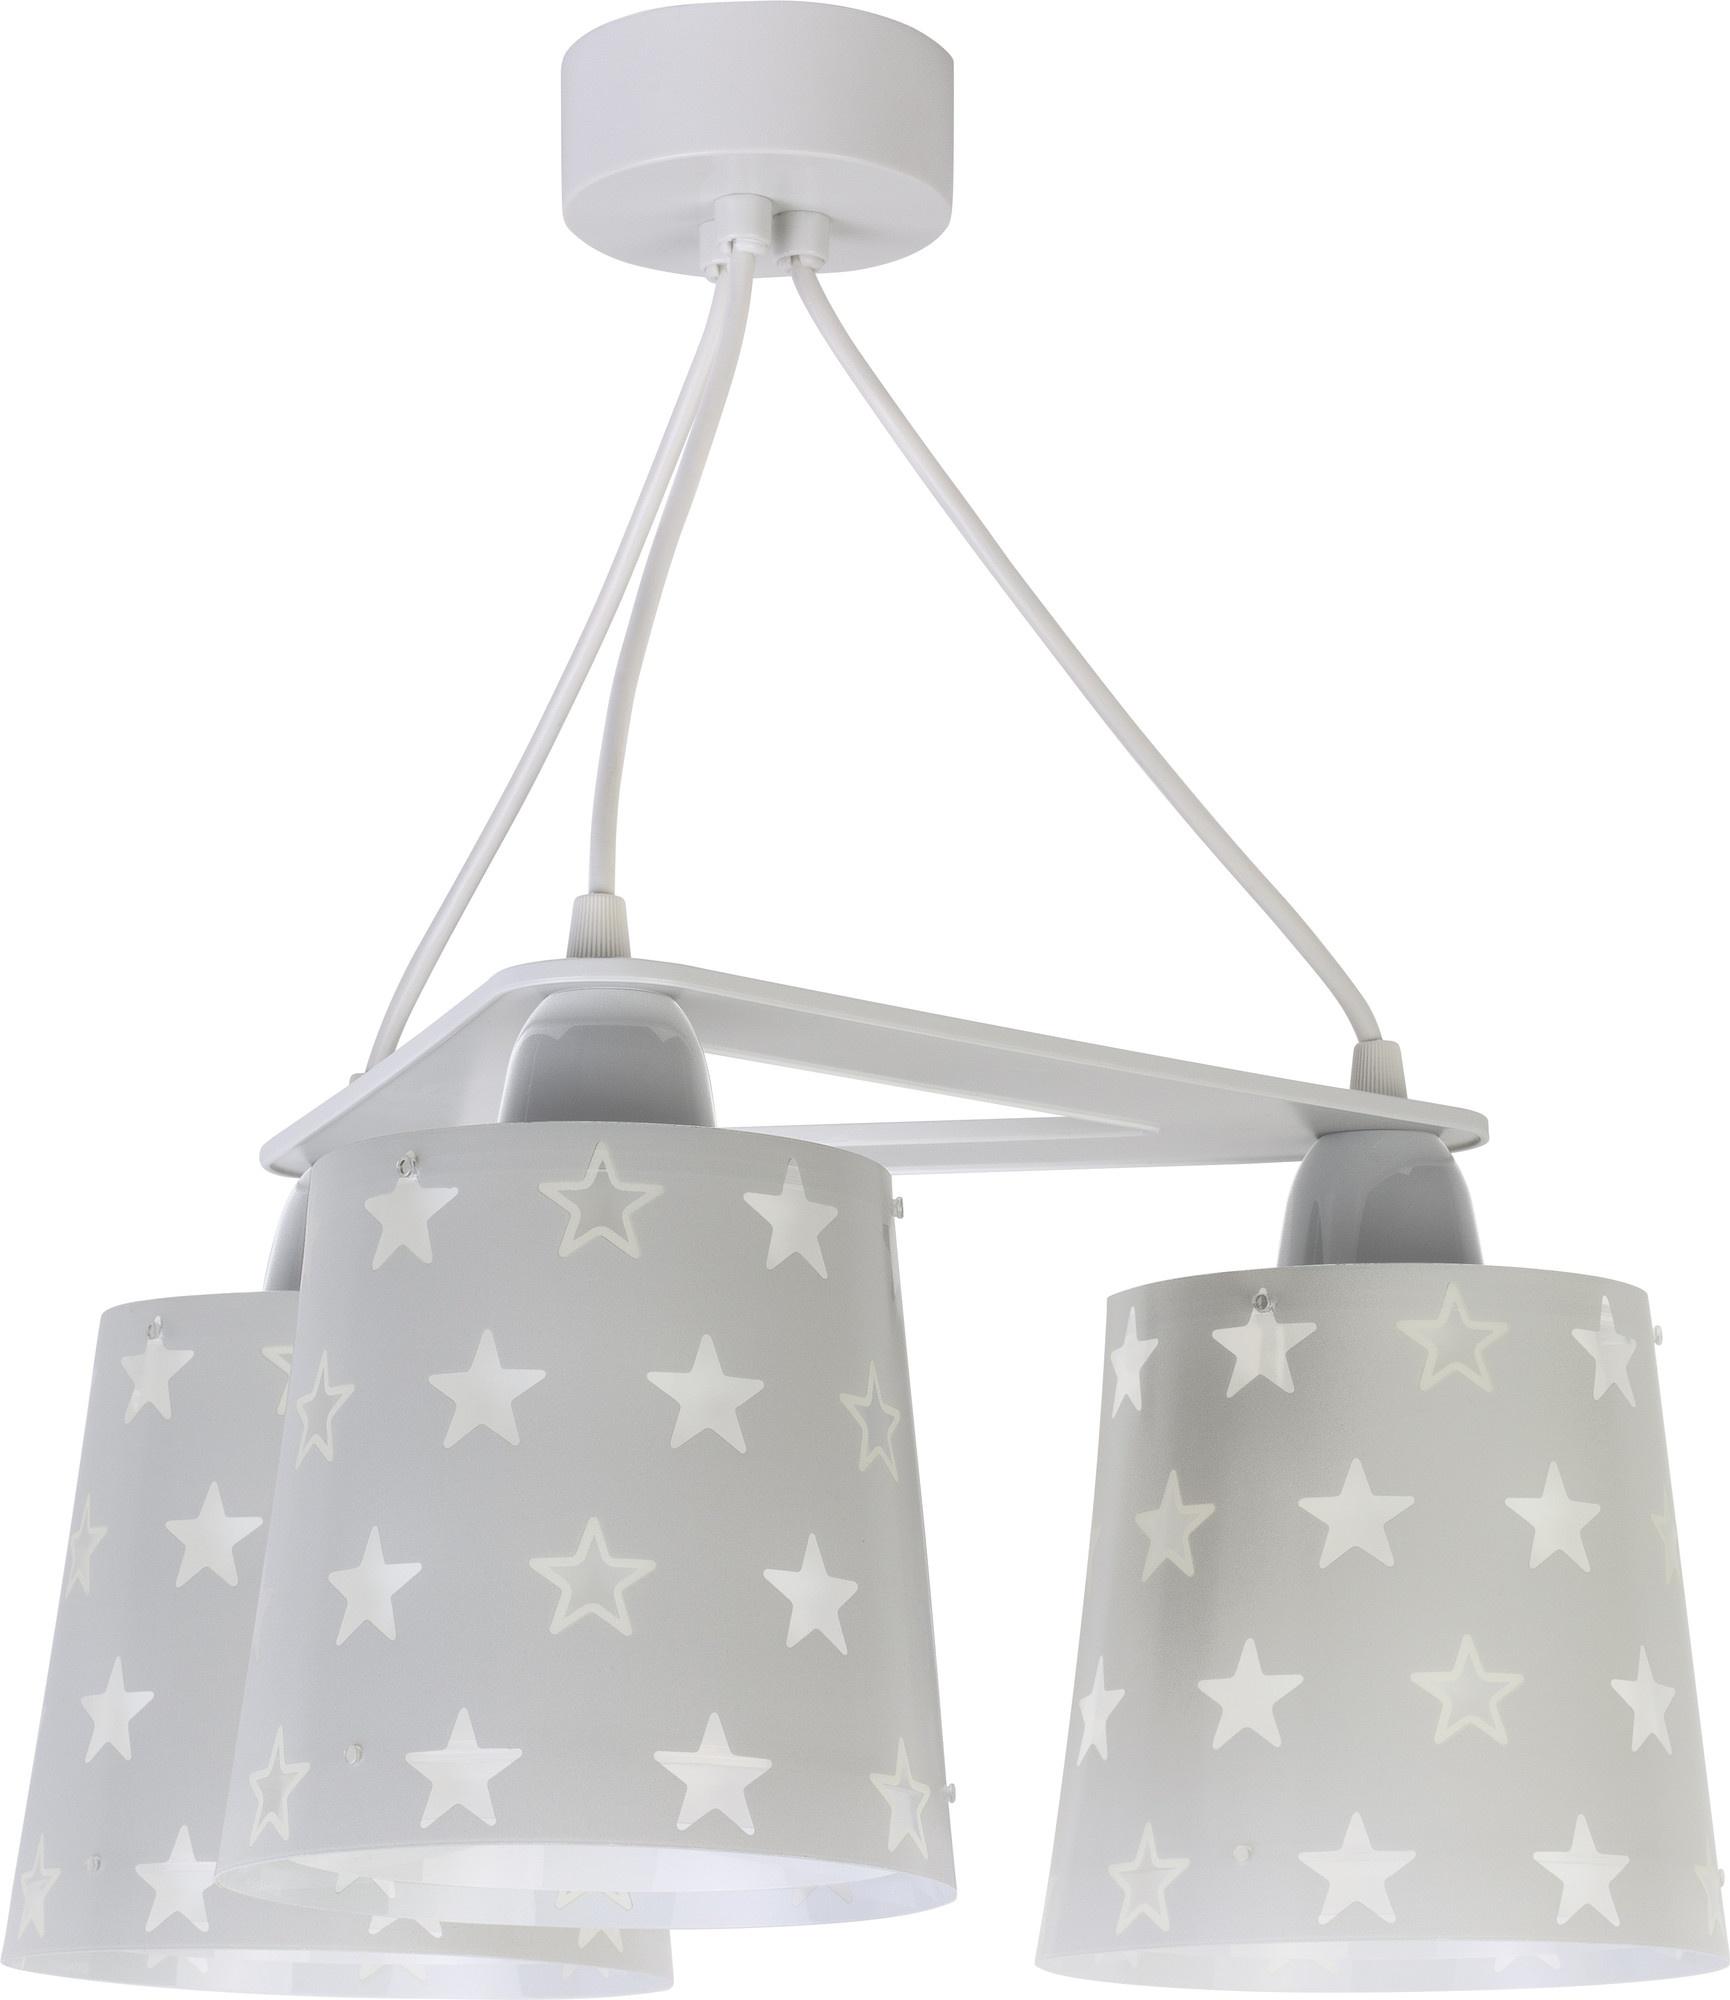 Full Size of Dalber Hngelampen Sterne Leuchten Im Dunkeln 20 Wohnzimmer Hängelampen